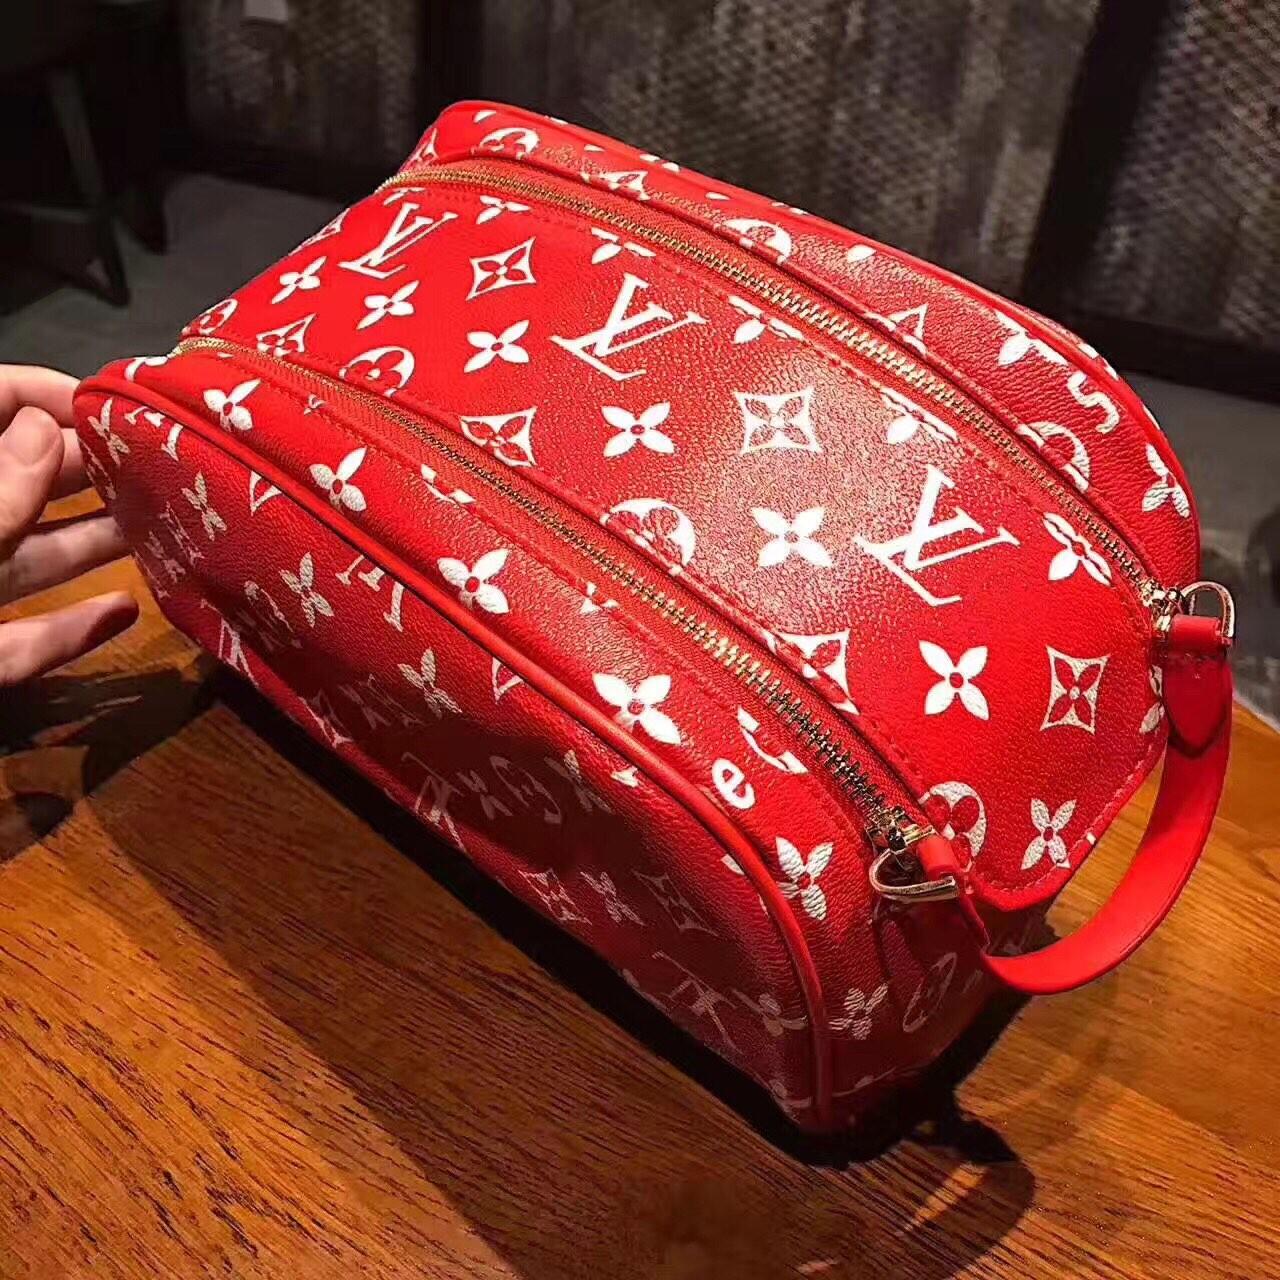 人気ブランド Supreme X Louis Vuitton レディース 化粧用バッグ